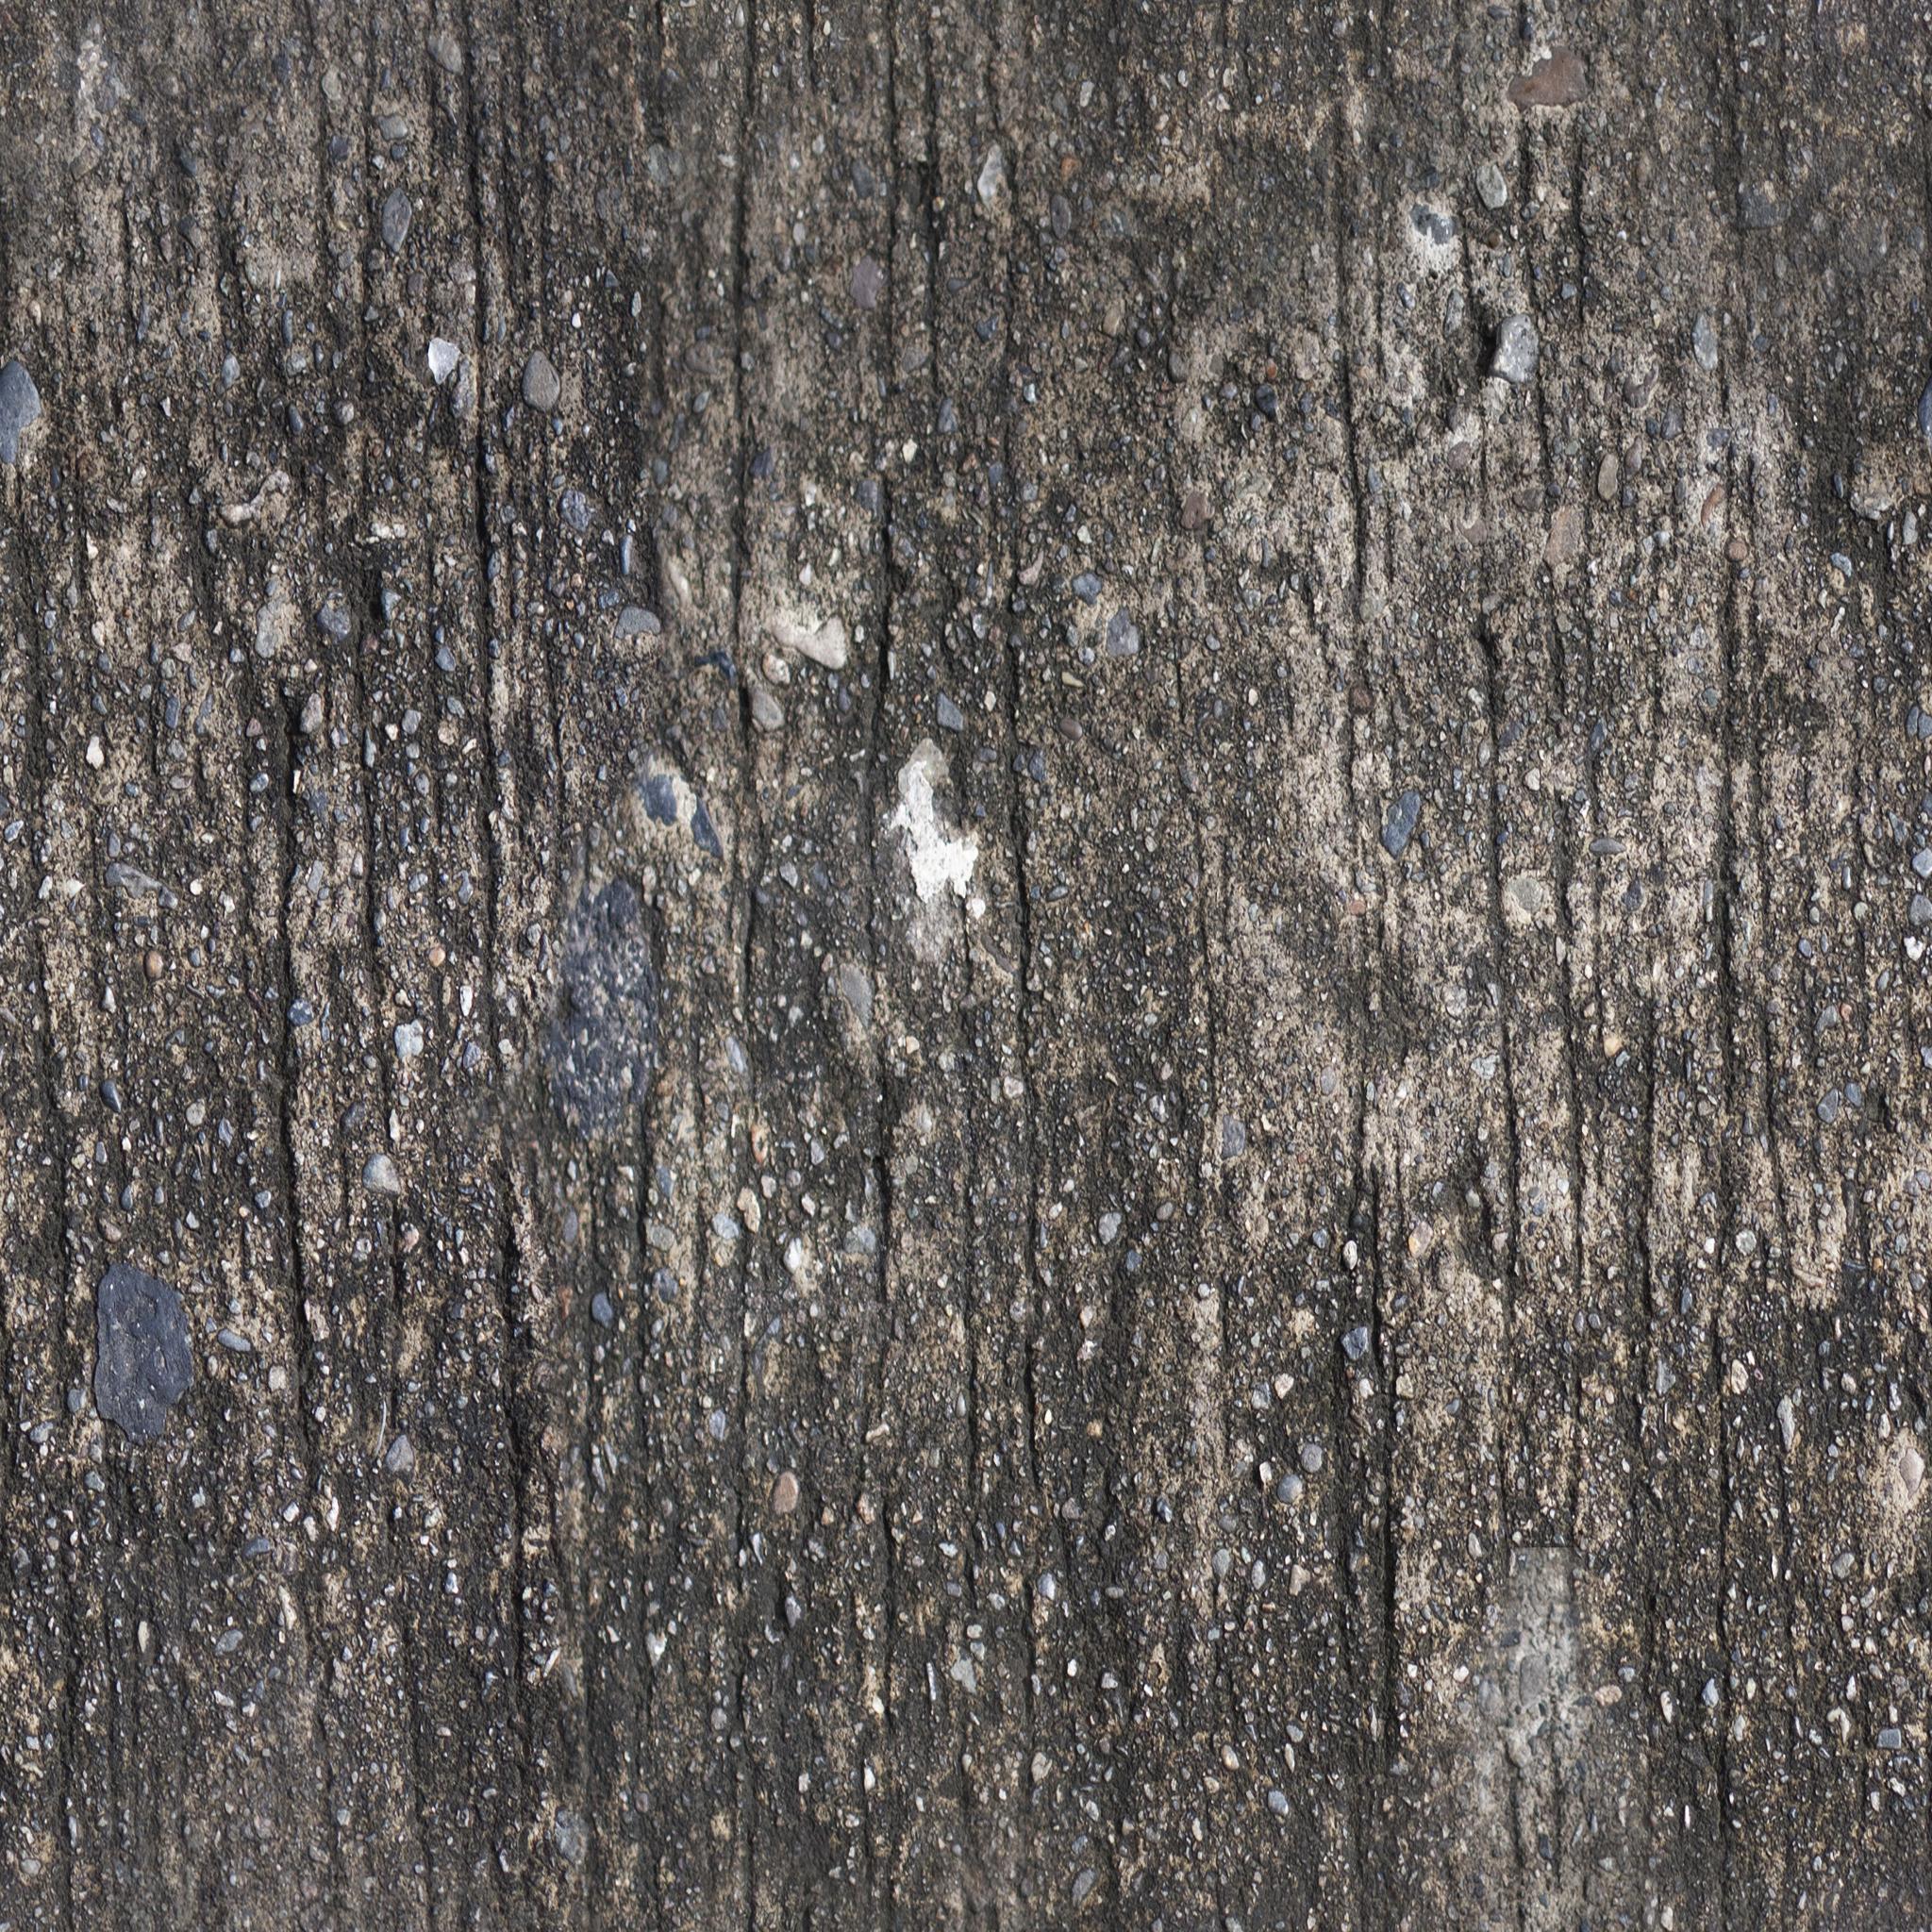 Black Etched Concrete.jpg